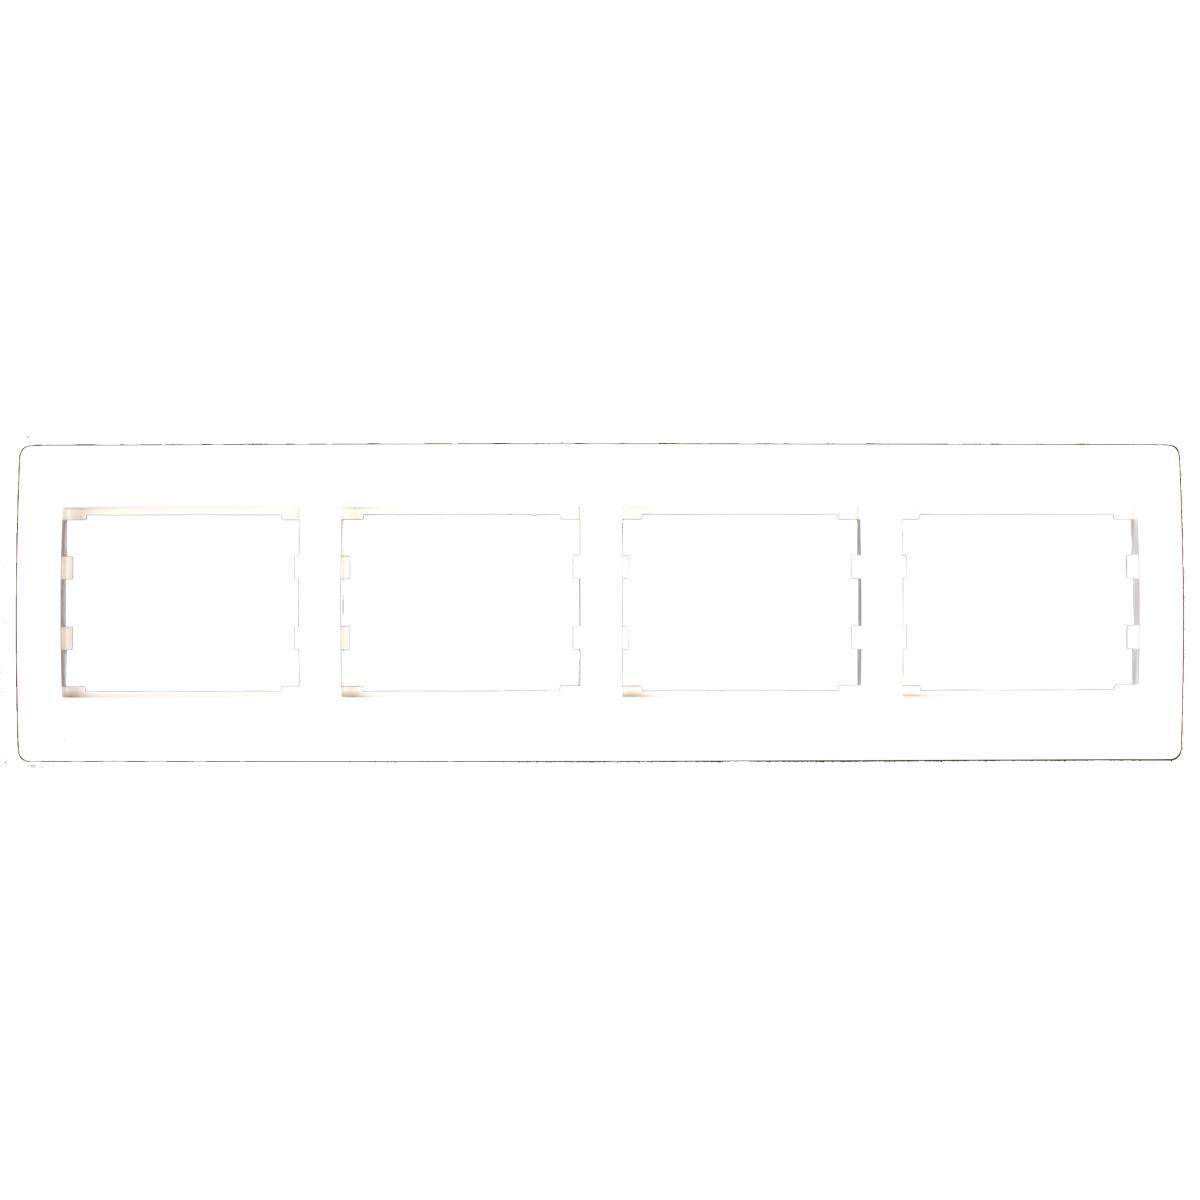 Vierfach 4-fach Rahmen Steckdose Schalter Lichtschalter weiß Serie TAILI,Vagner SDH,TL1136, 4770364030147